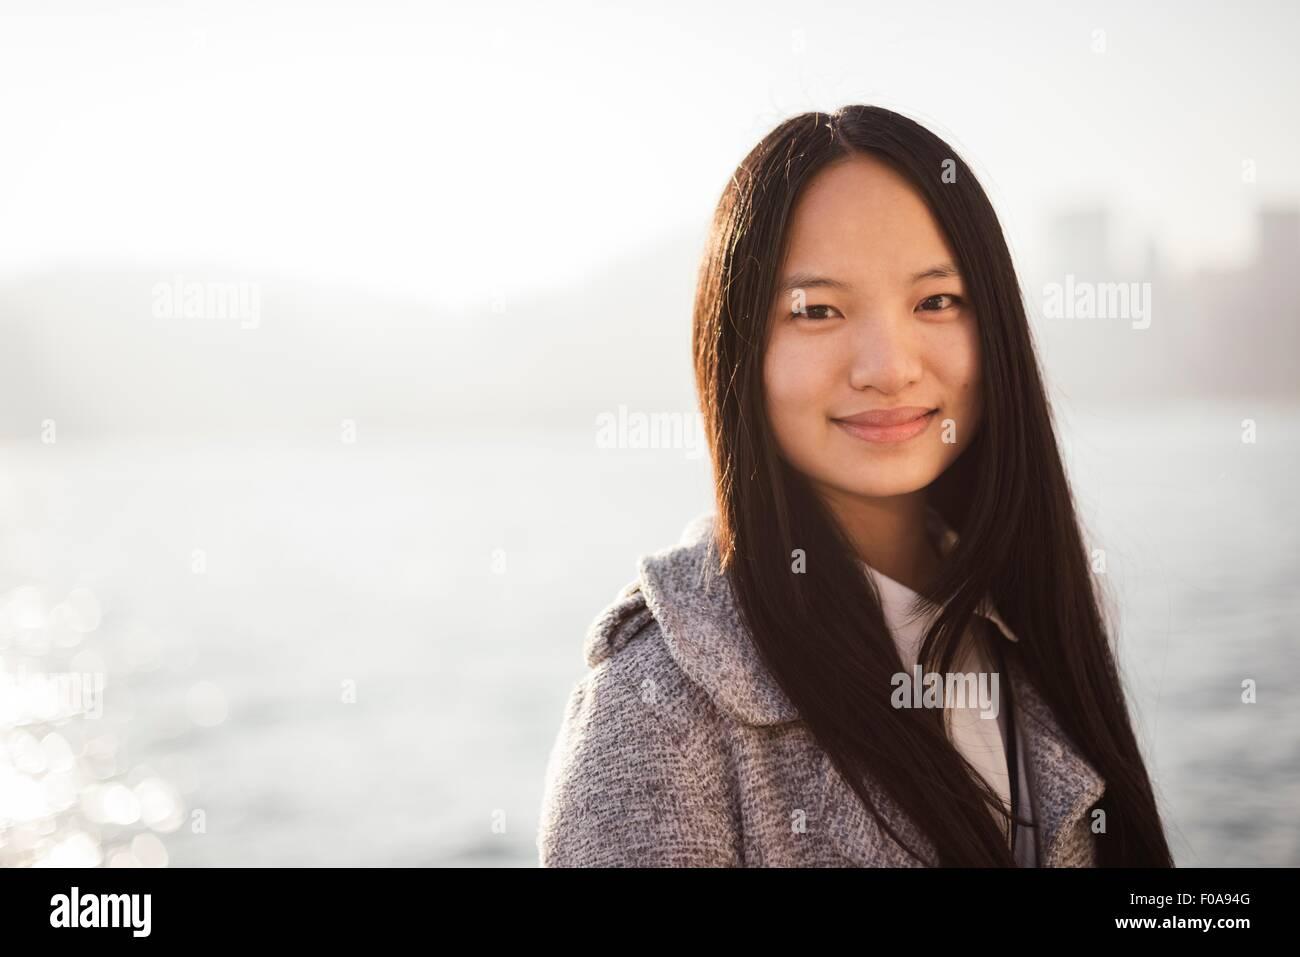 Retrato de mujer joven con largo cabello morena en el centro despedida sonriendo mirando a la cámara Imagen De Stock